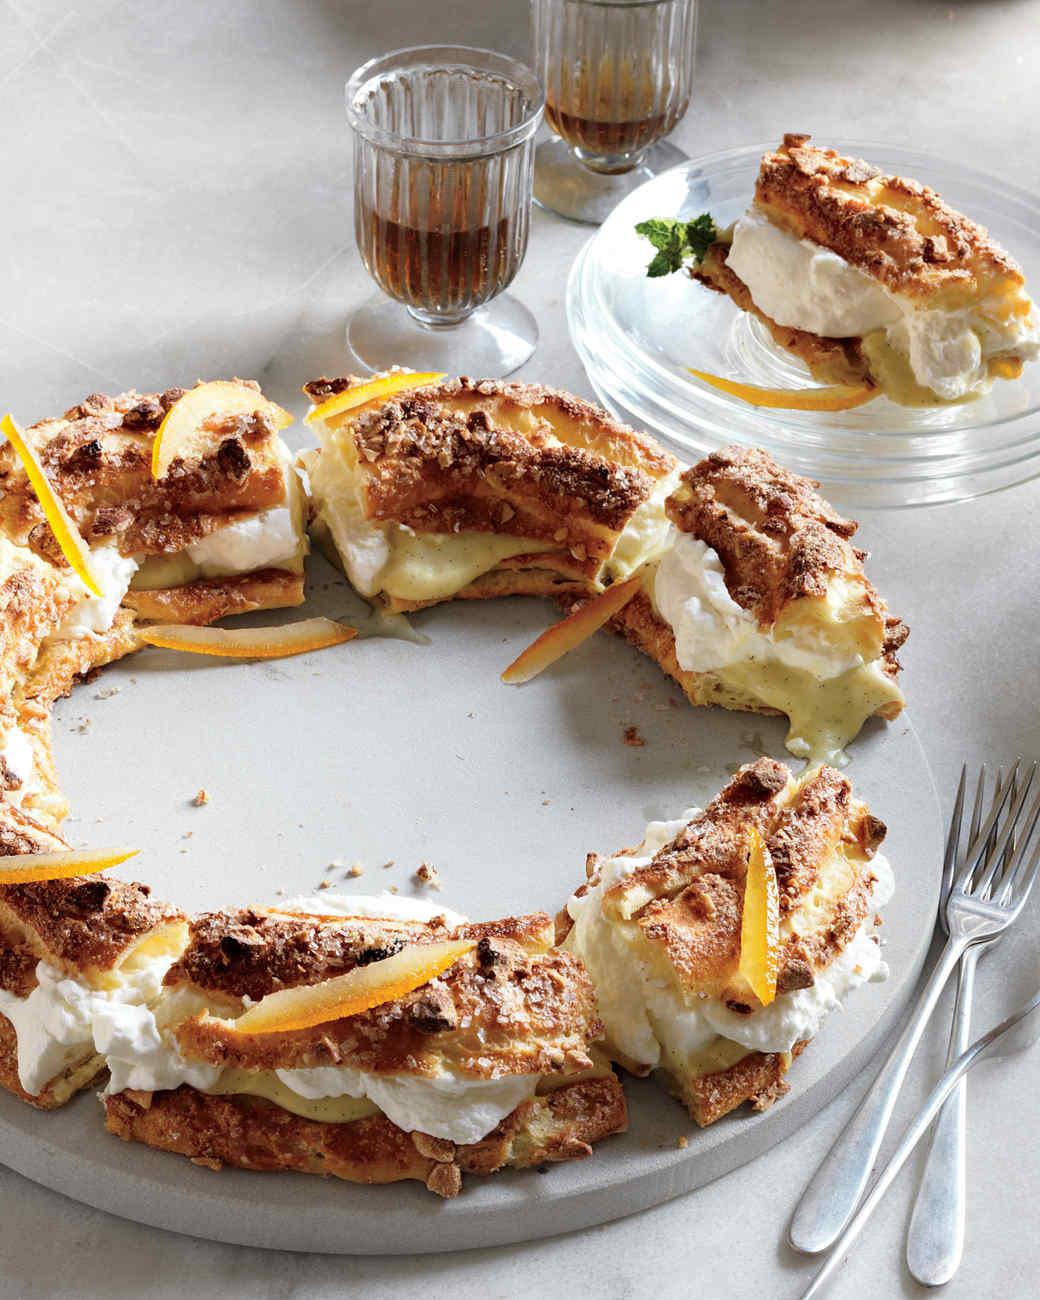 Orange-Rum Pastry Cream